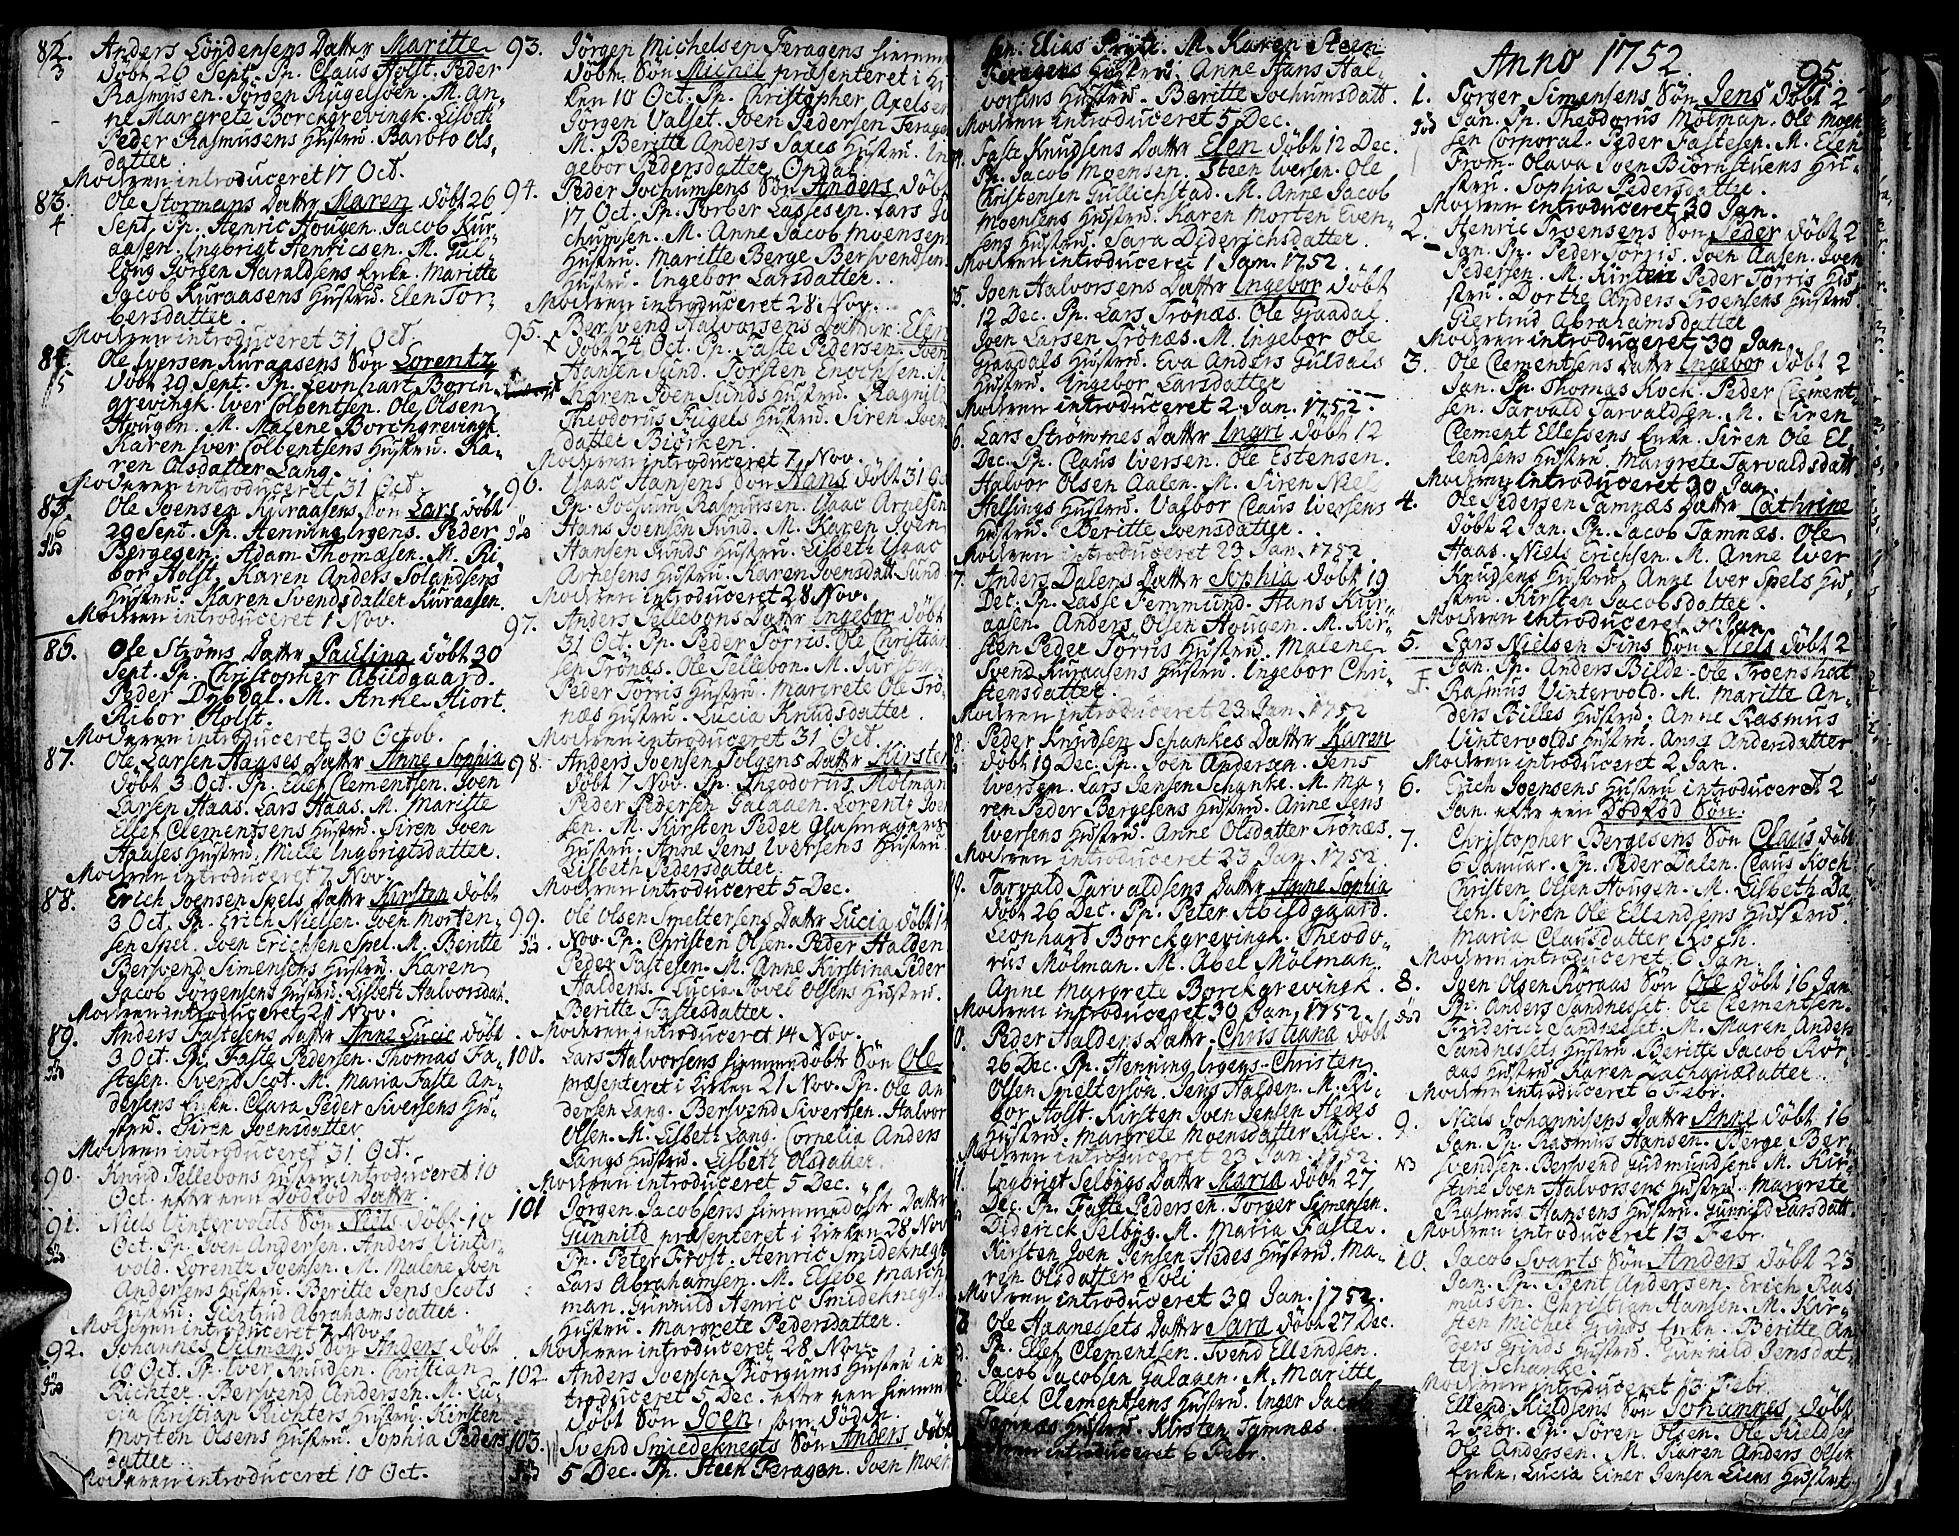 SAT, Ministerialprotokoller, klokkerbøker og fødselsregistre - Sør-Trøndelag, 681/L0925: Ministerialbok nr. 681A03, 1727-1766, s. 95